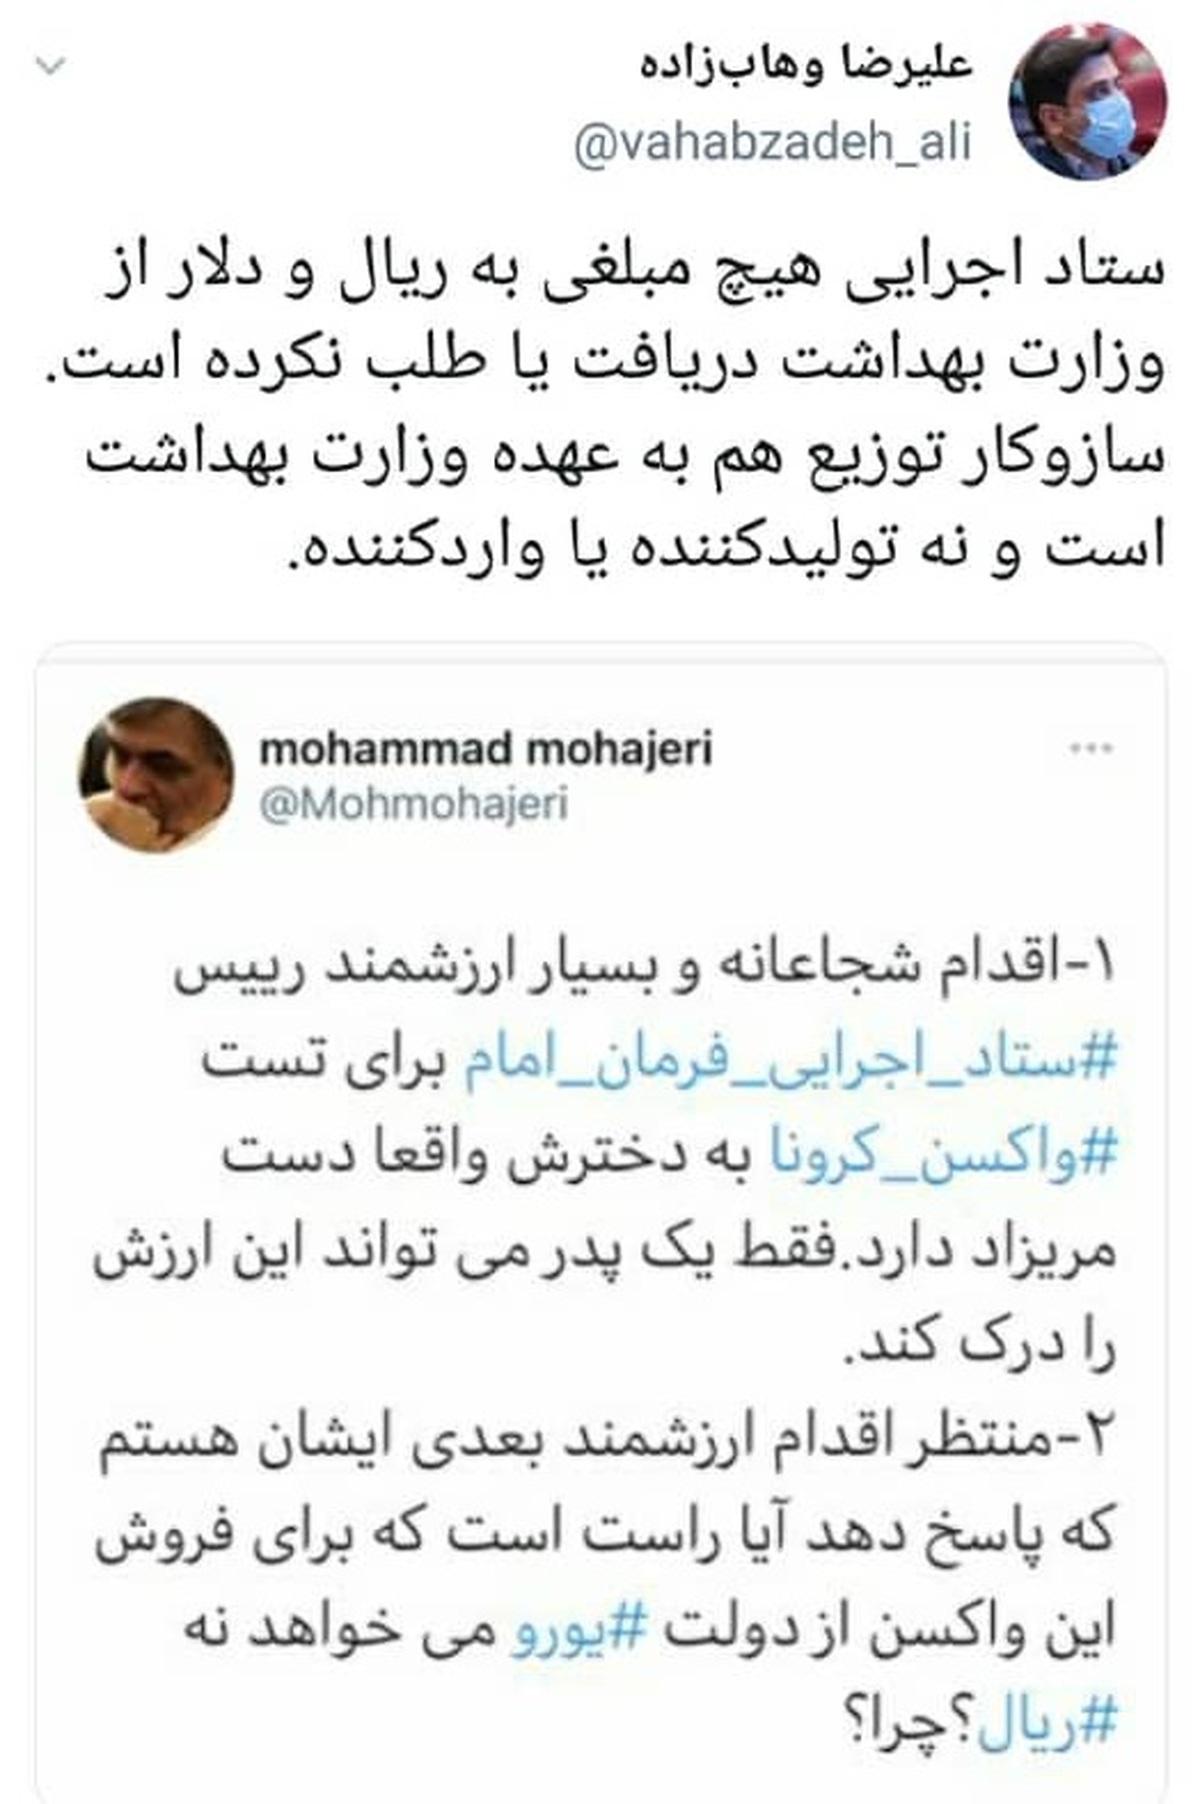 وزارت بهداشت: ستاد اجرایی هیچ مبلغی به ریال و دلار از وزارت بهداشت دریافت نکرده است